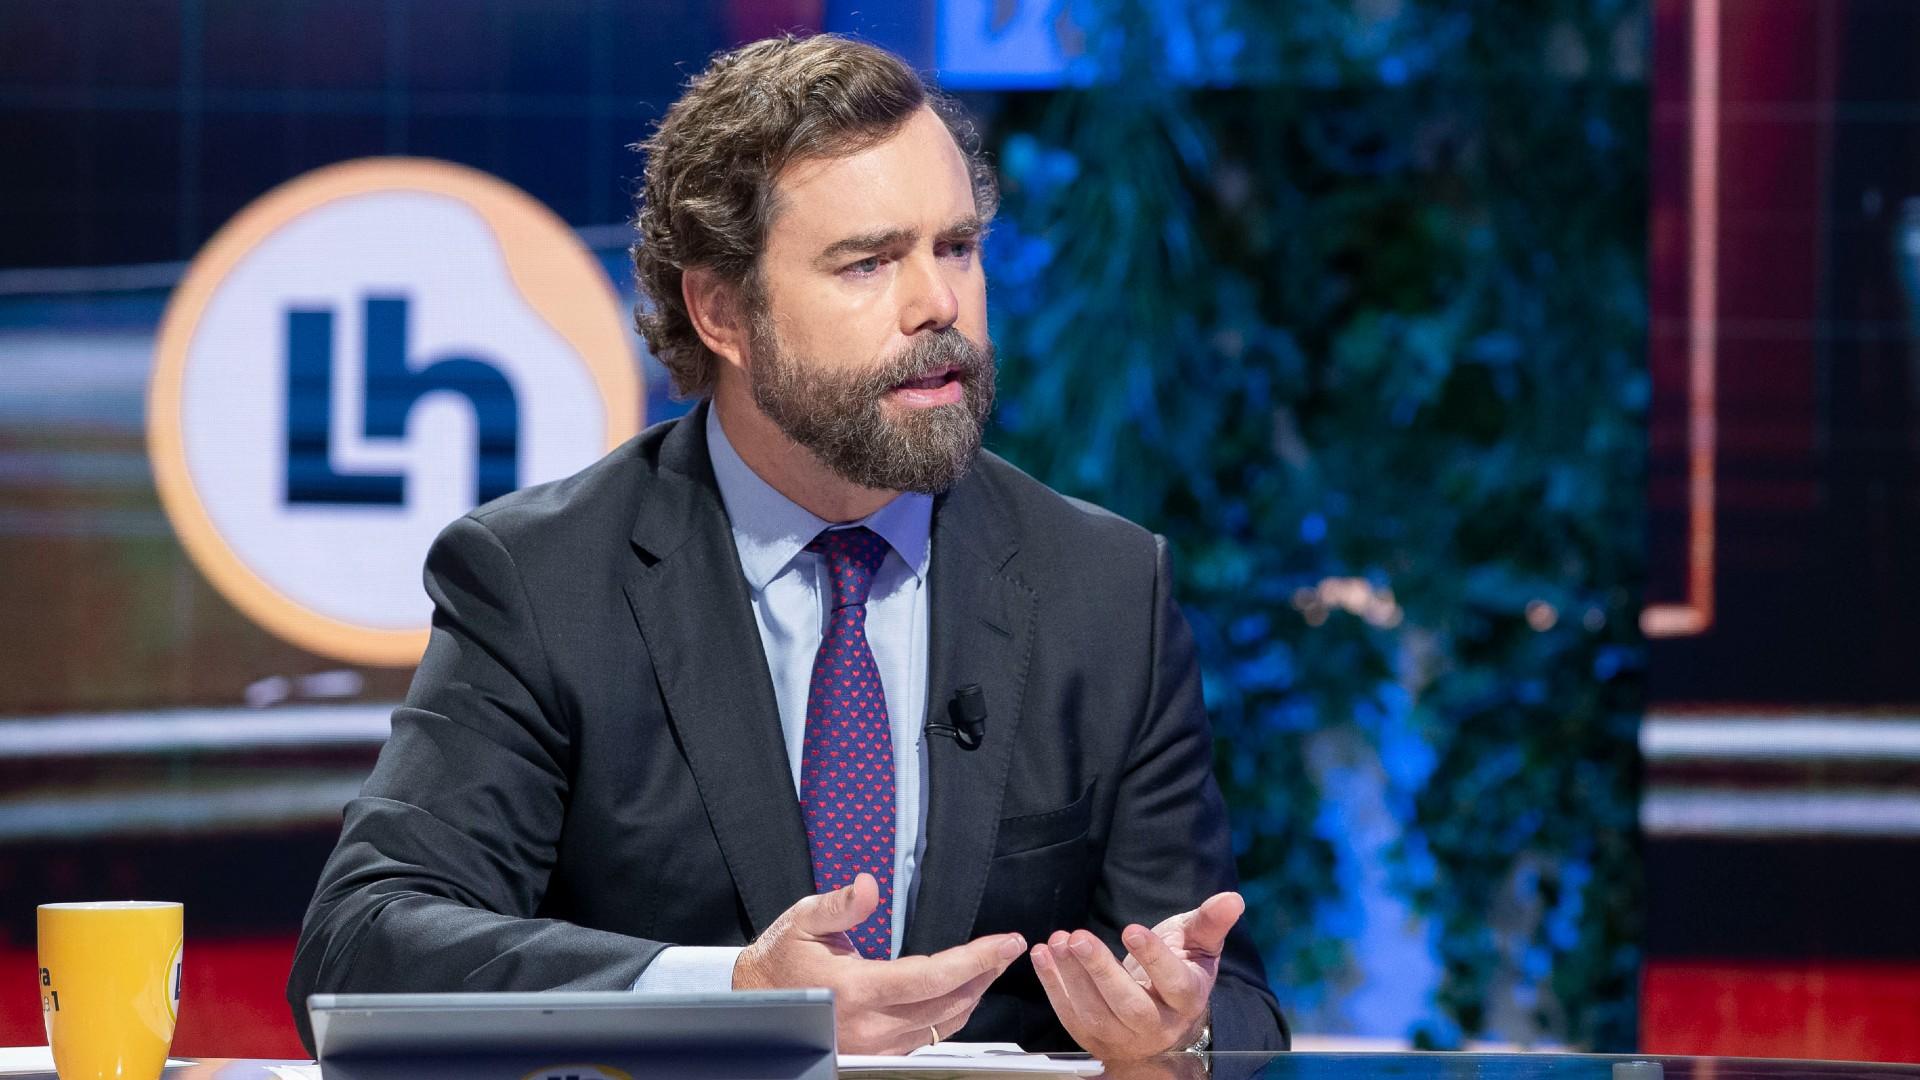 """De los Monteros detona en TVE el bono de Sánchez: """"¿Los toros no son cultura? Pues enmendamos a Hemingway y Picasso"""""""